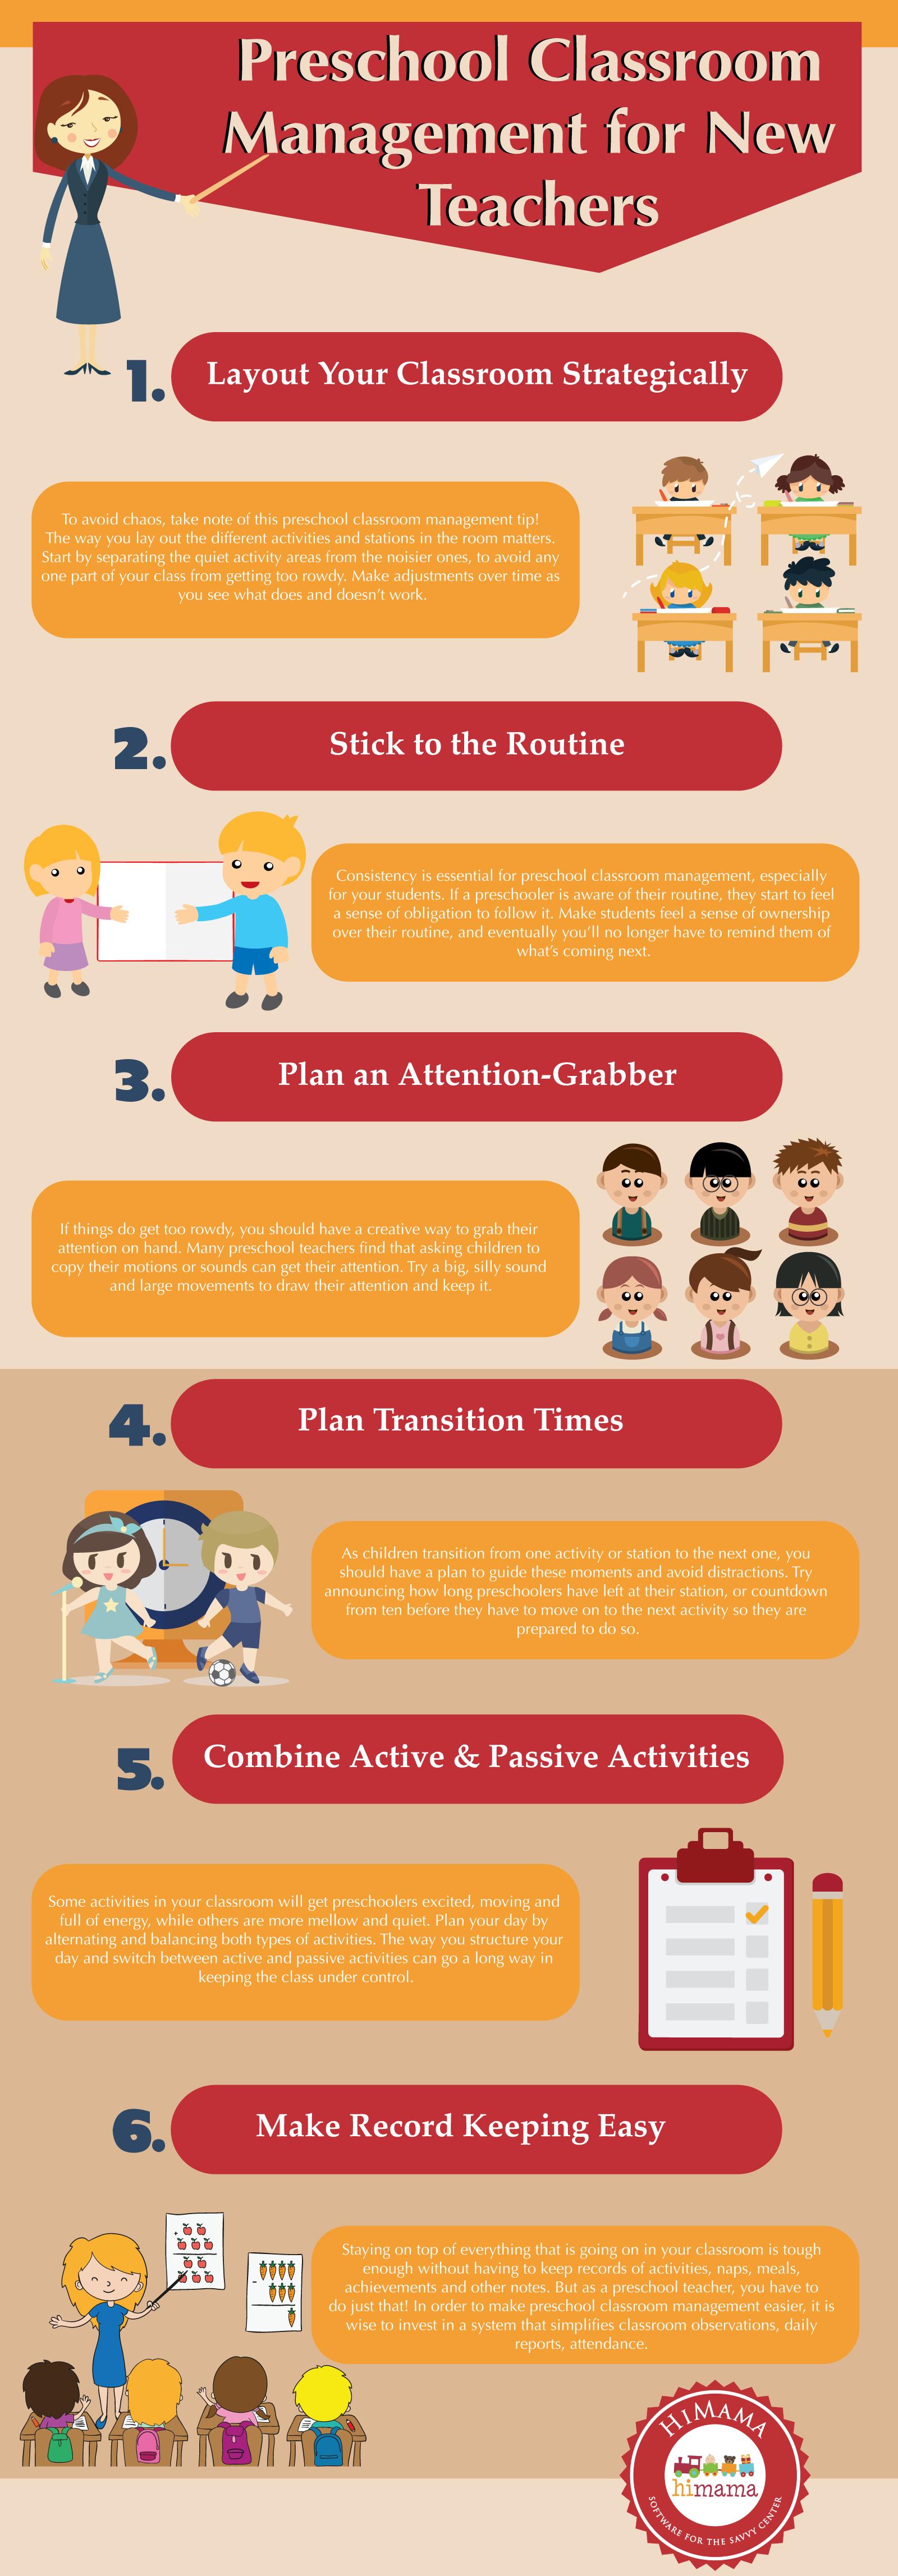 Preschool Classroom Management For New Teachers